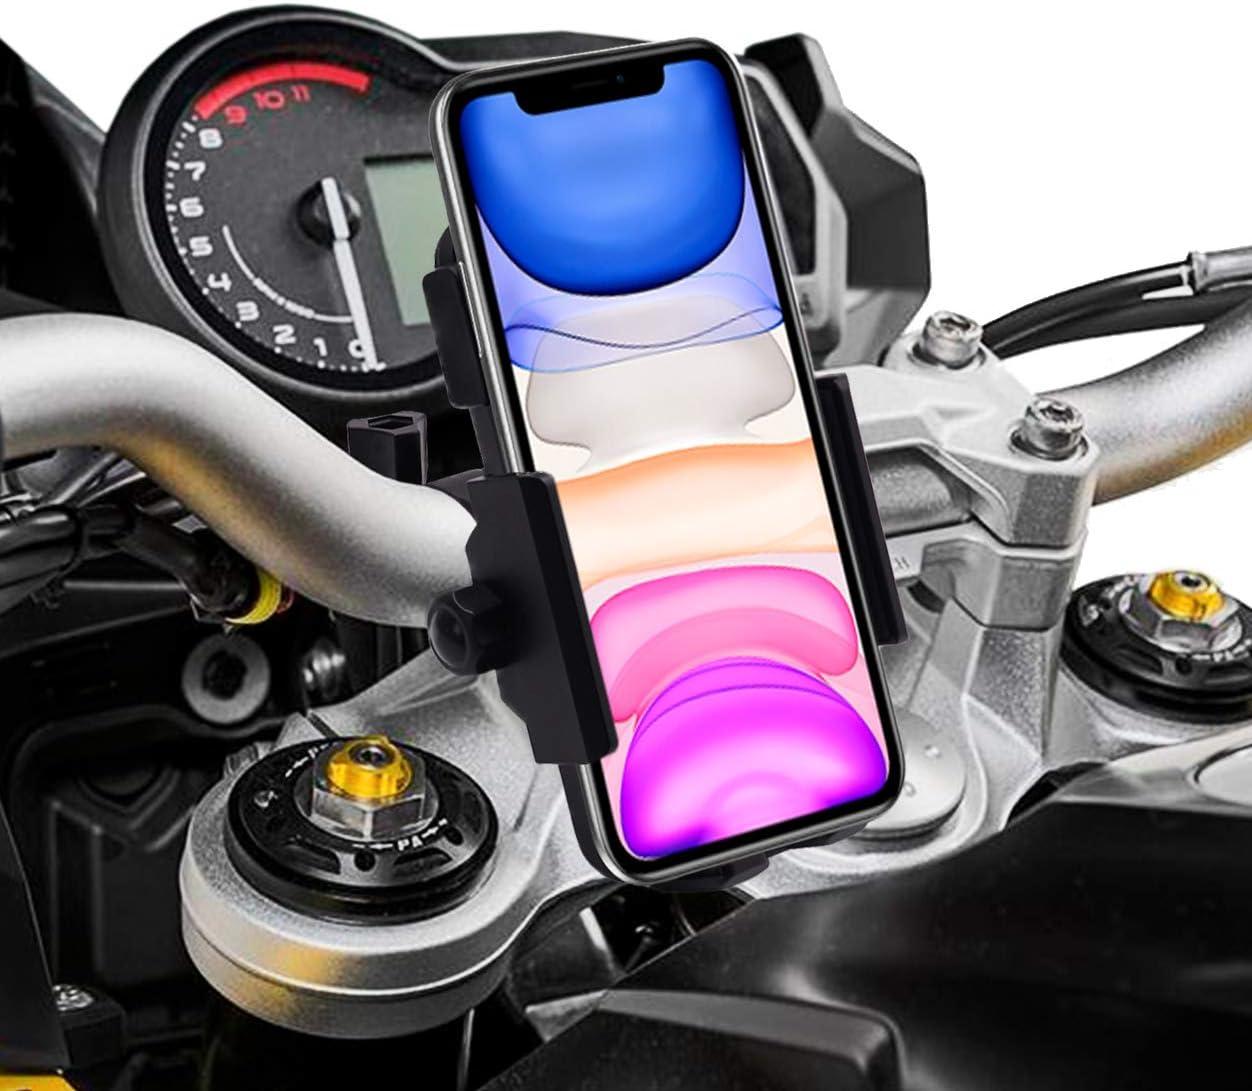 Kadeva Cargador inalambrico movil Moto Carga rapida 10W Doble sujecion al Manillar y Espejo retrovisor